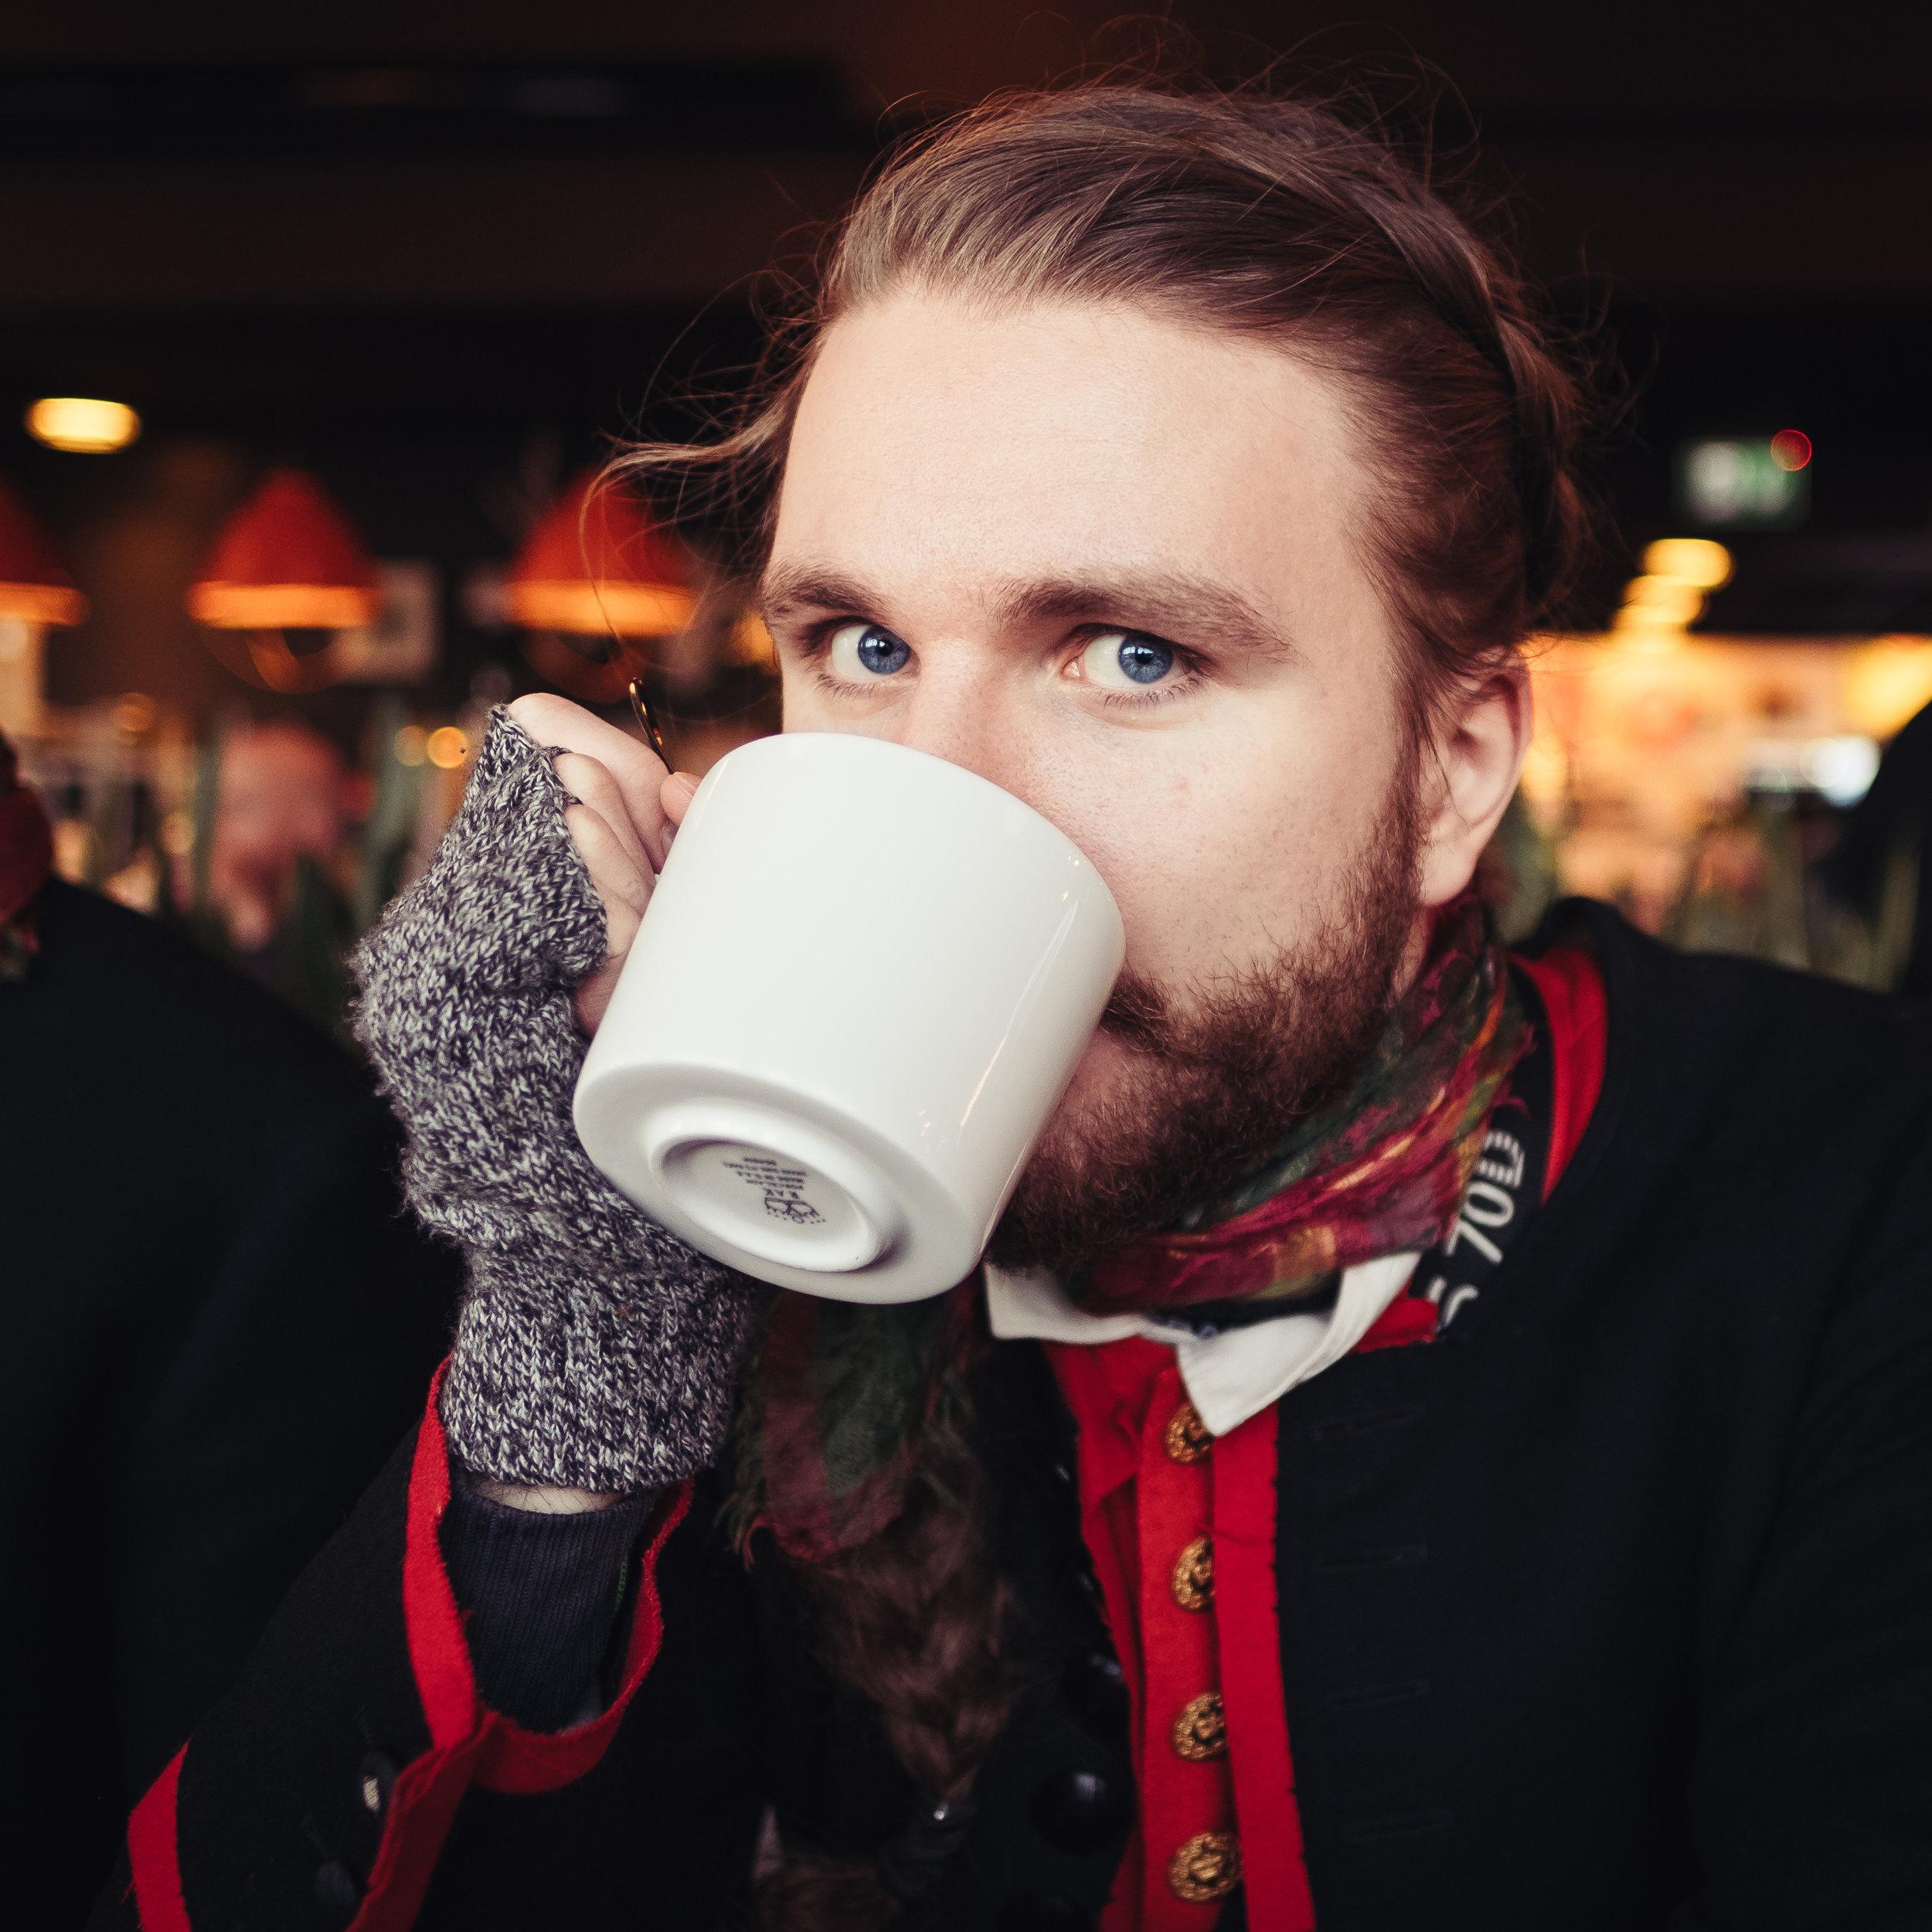 Carl Öst Wilkens - Din kreativa fotograf. Din proffsiga redigerare. Din effektiva programmerare. Din folkdräktsbärande IT-konsult.